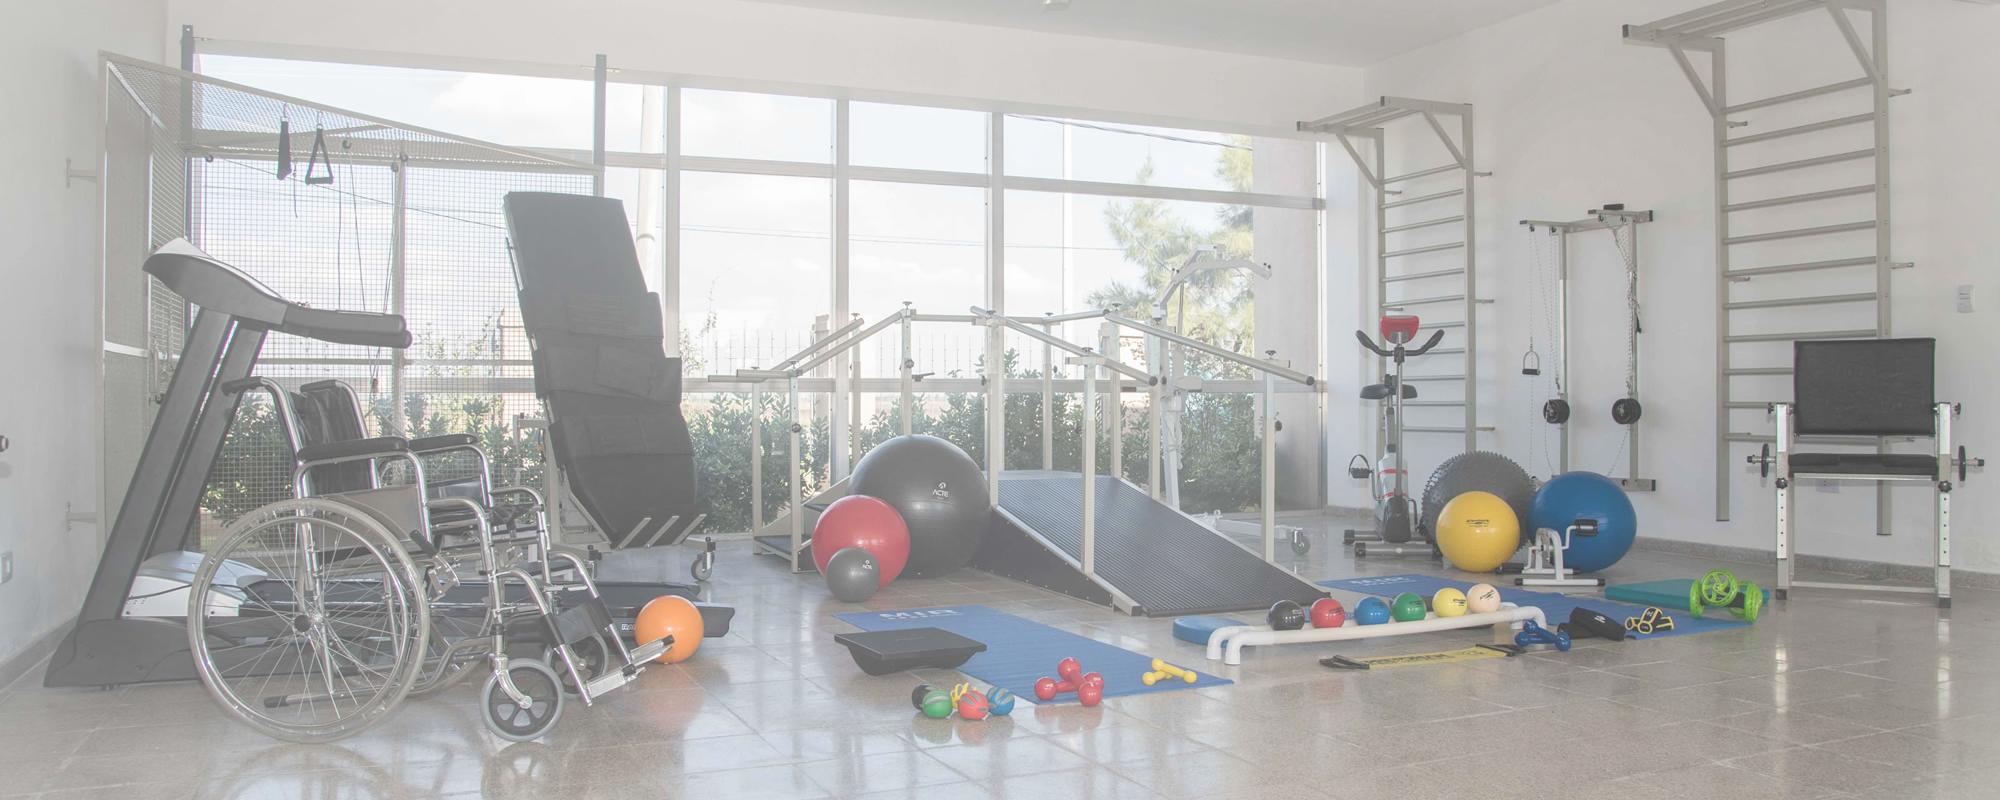 <span>Gimnasio </span> totalmente equipado con sala de <span>Rehabilitación</span>